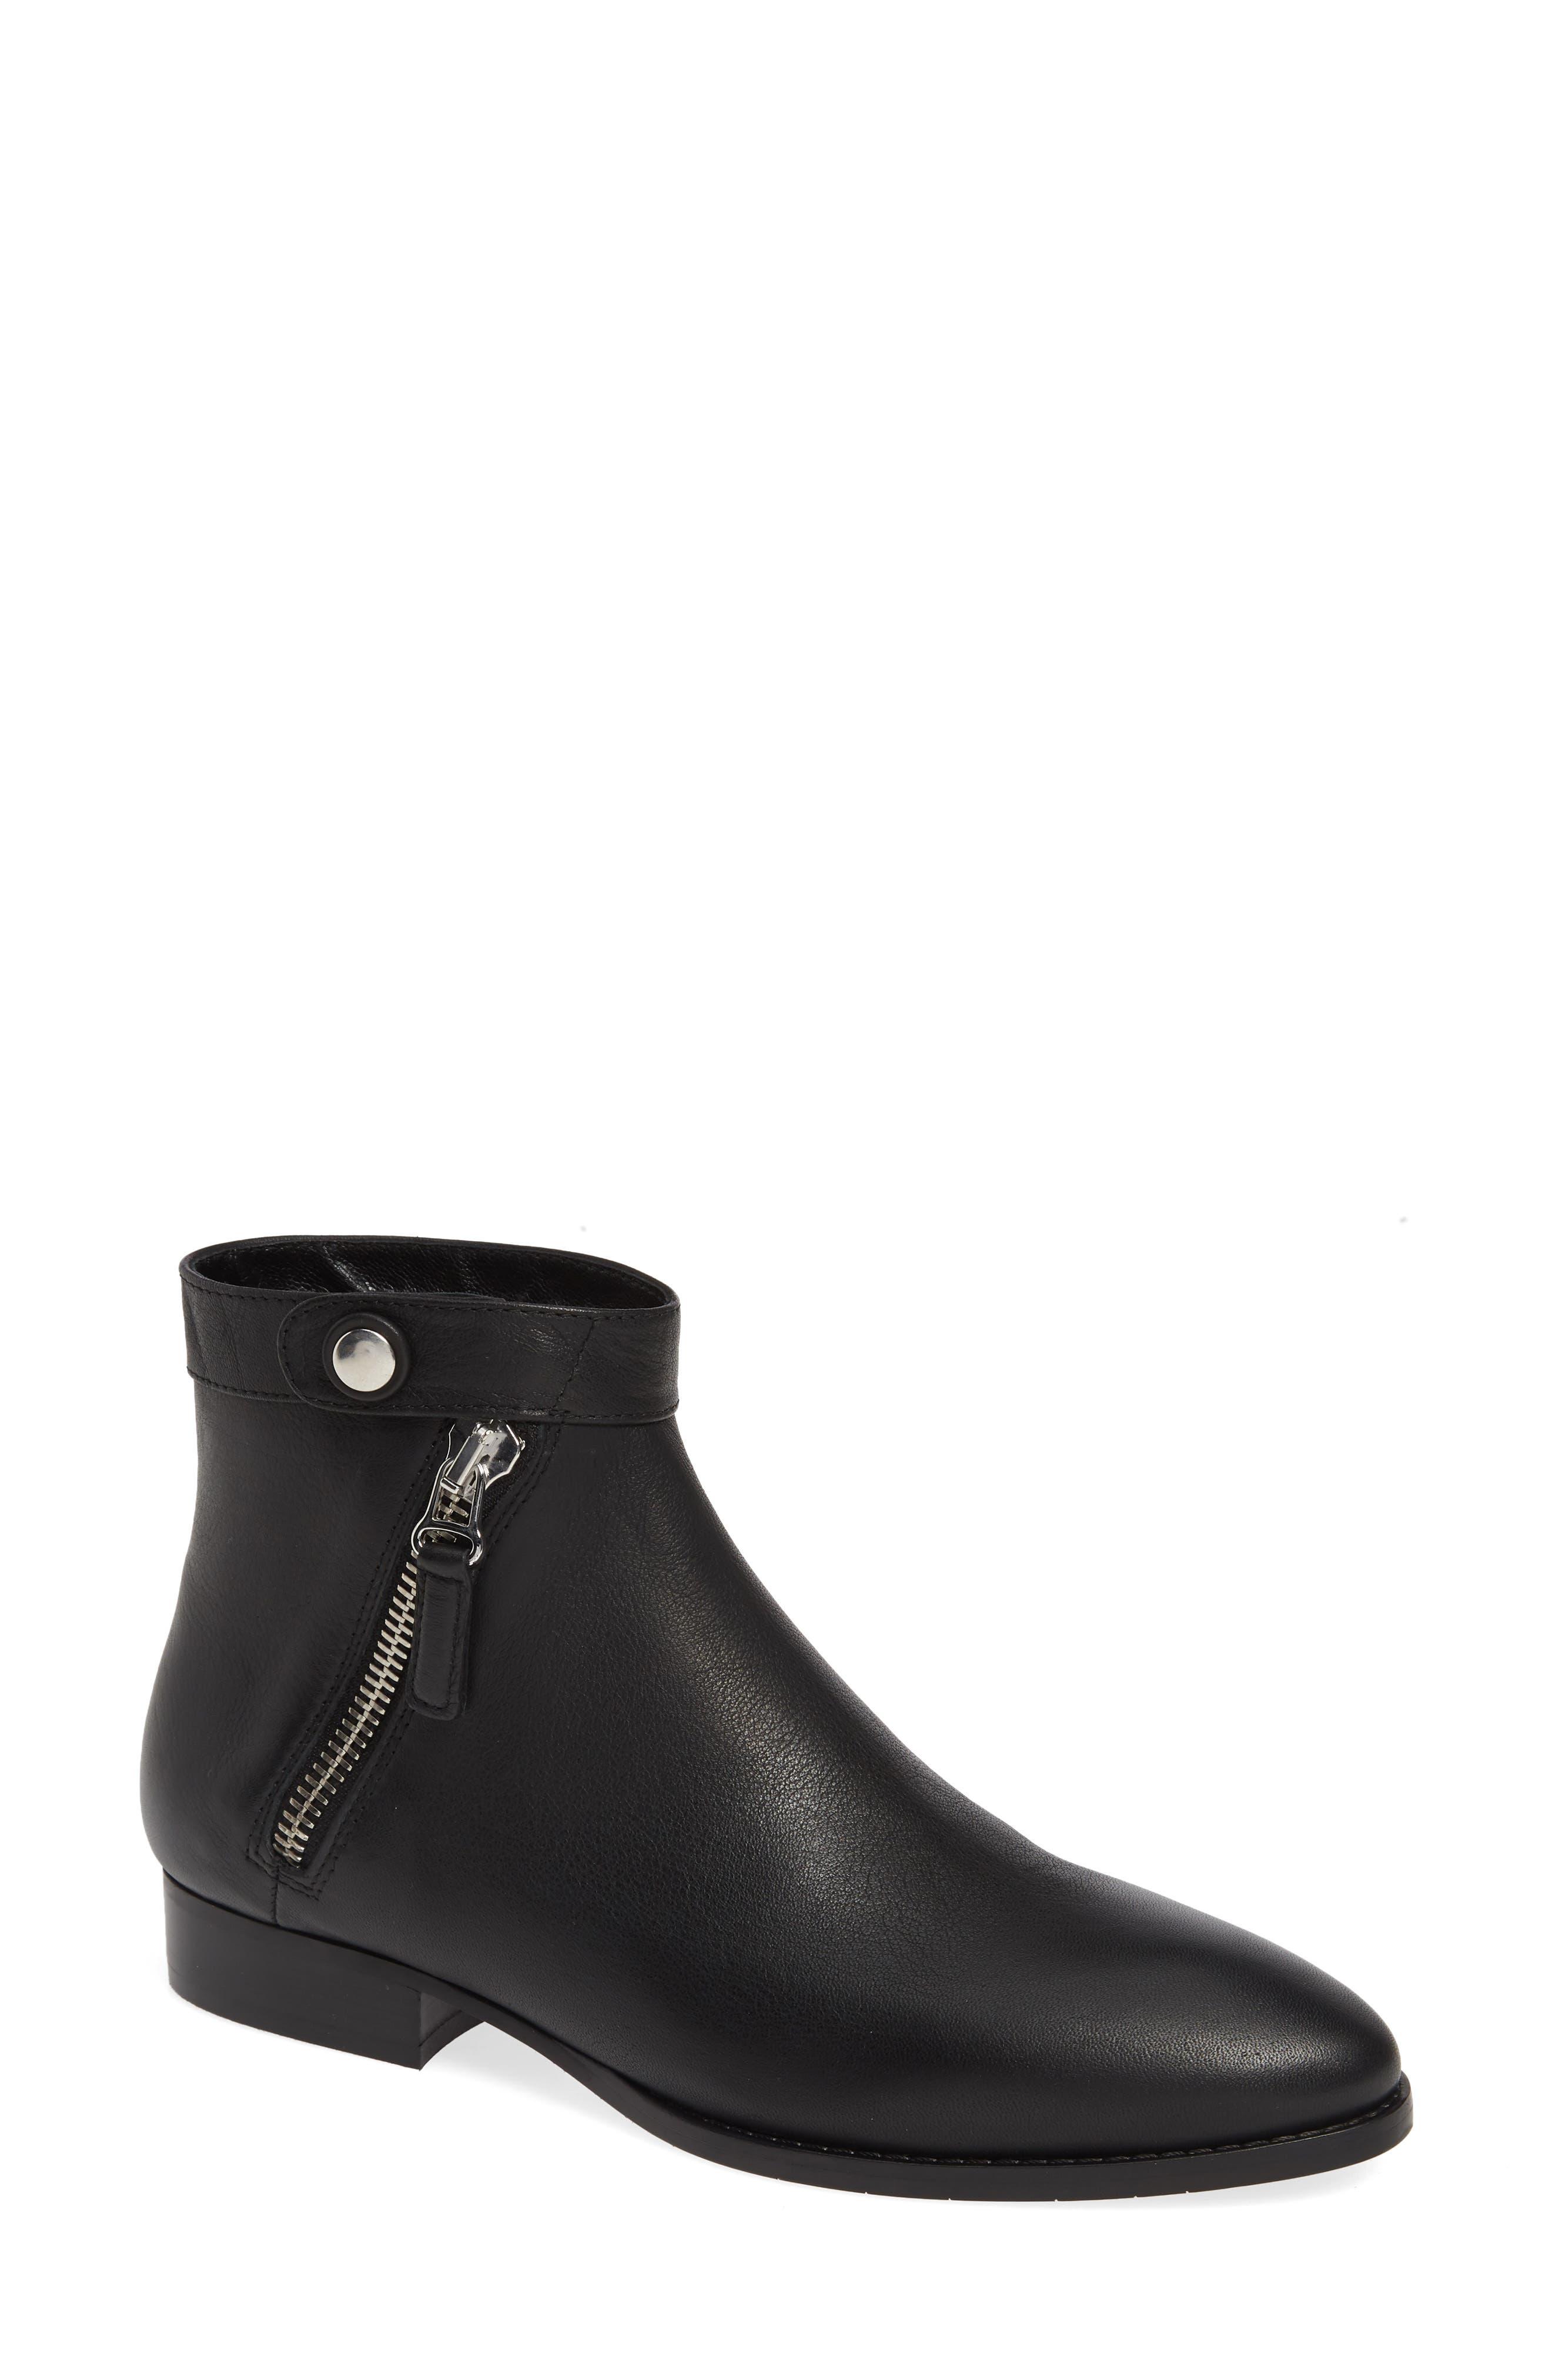 Aquatalia Rose Suede Boot (Women